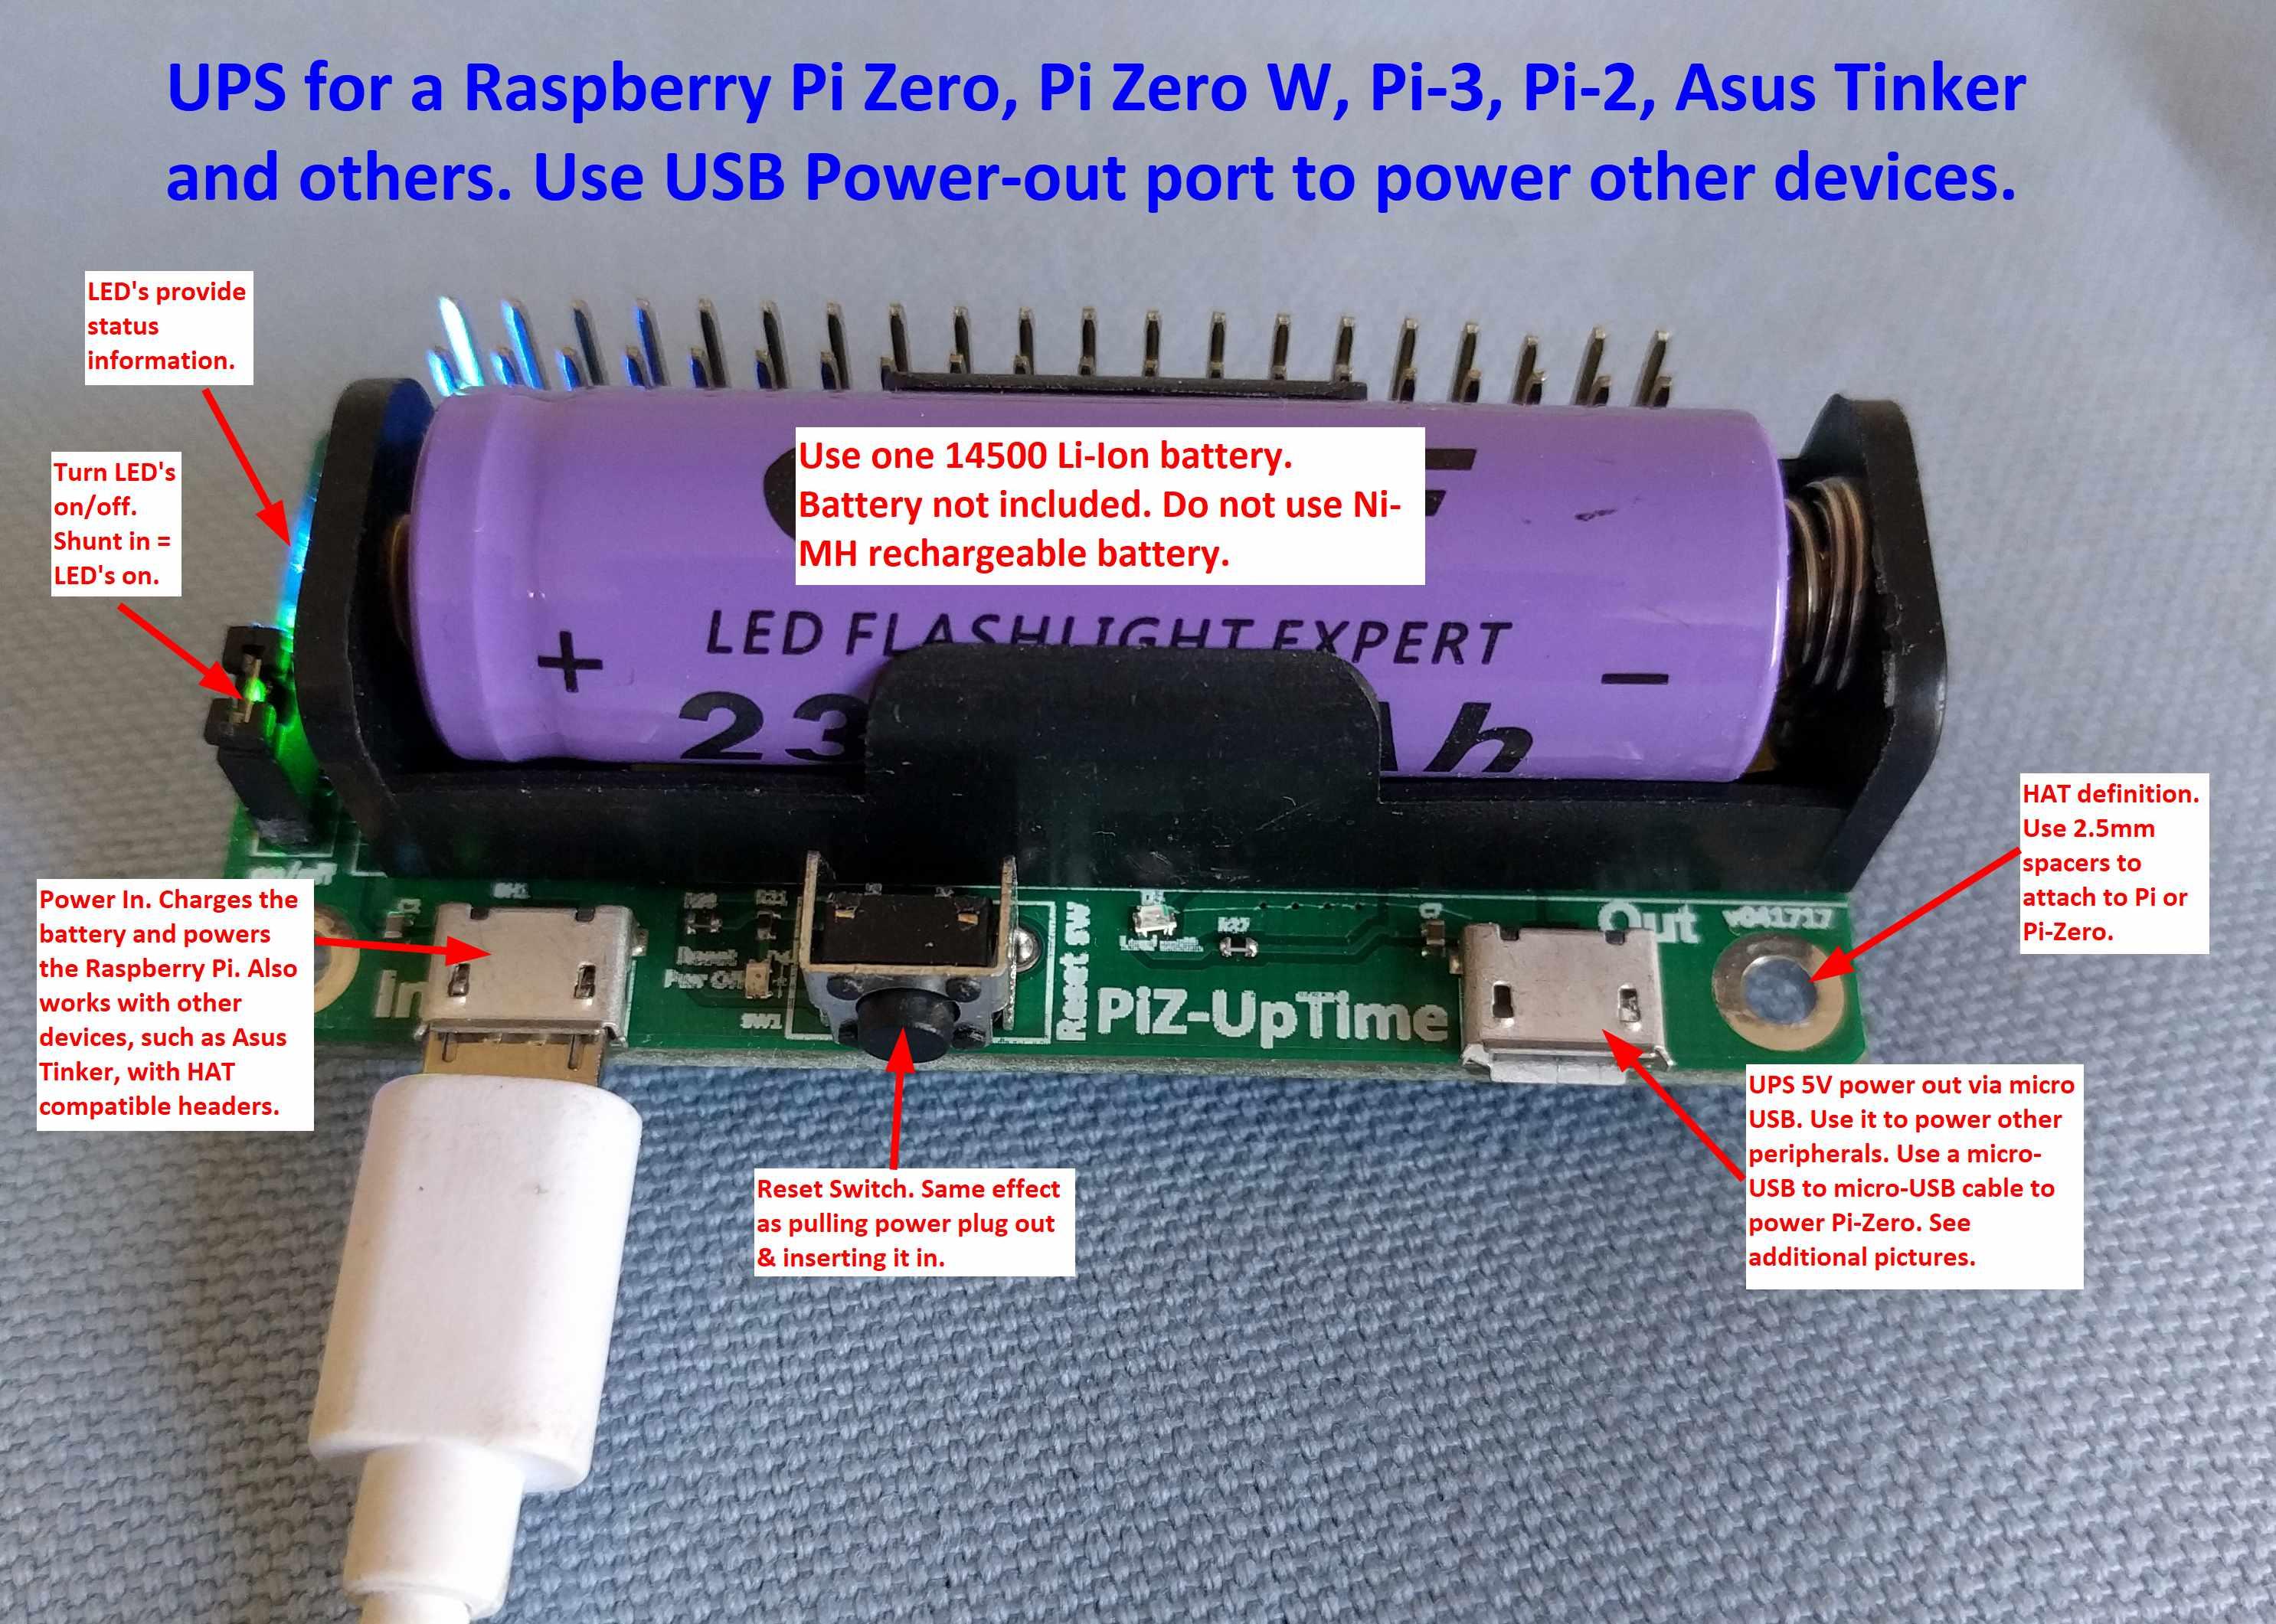 PiZ-UpTime - UPS and power mobility for Pi Zero - Alchemy